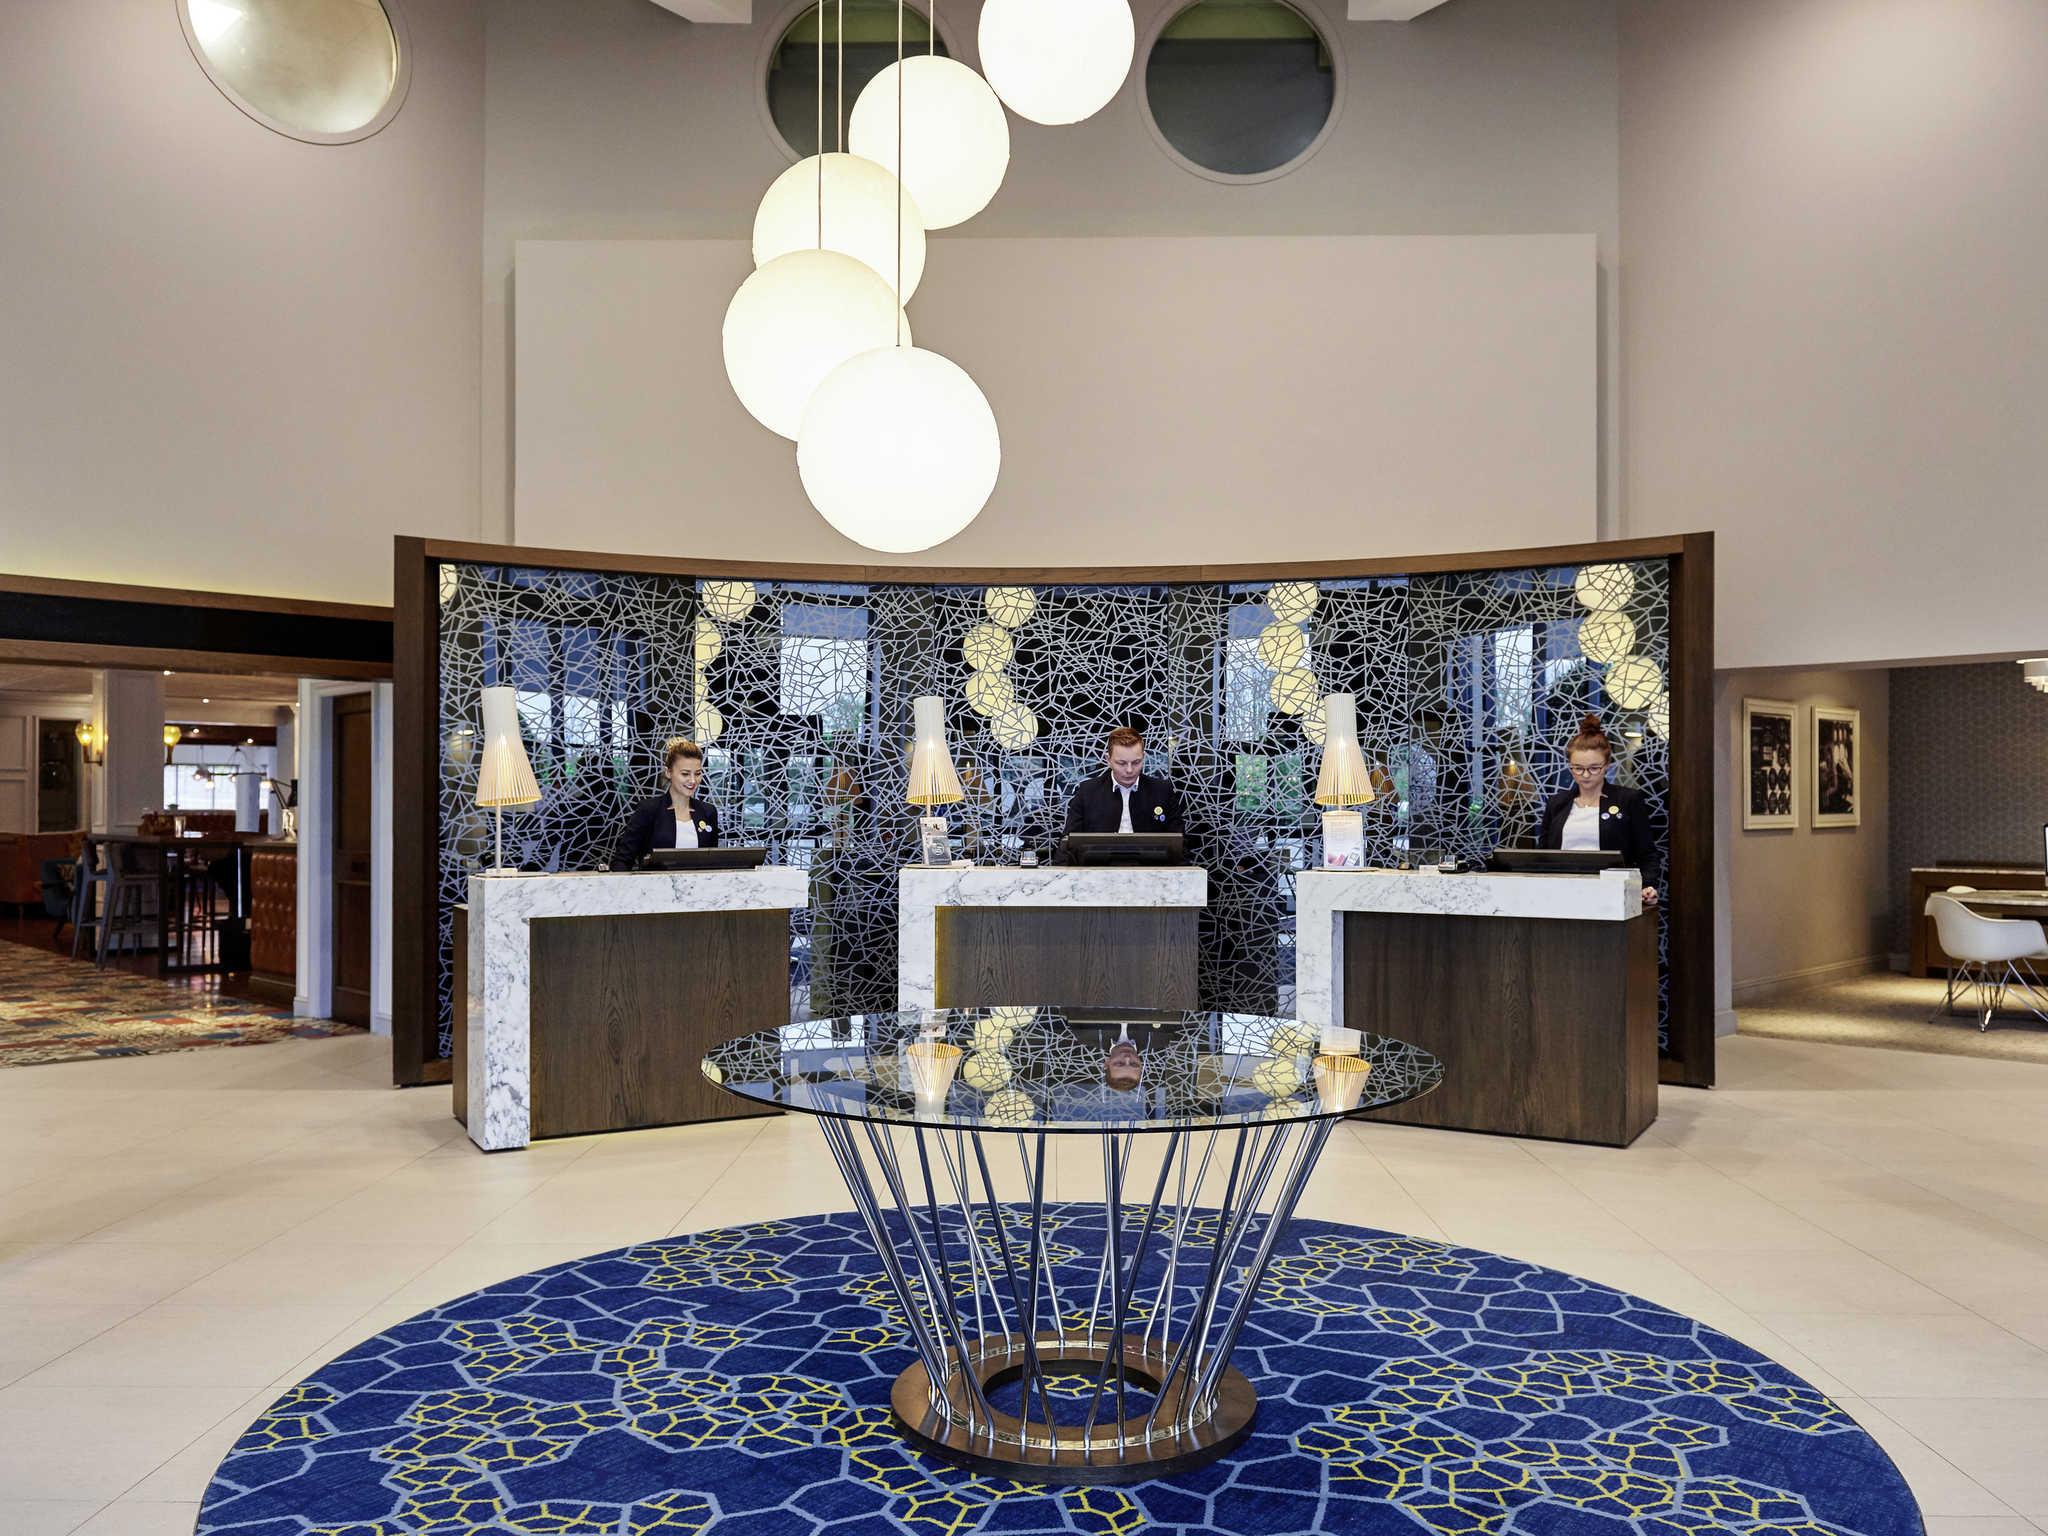 Hotel - Novotel London Stansted Airport (inzwischen eröffnet)